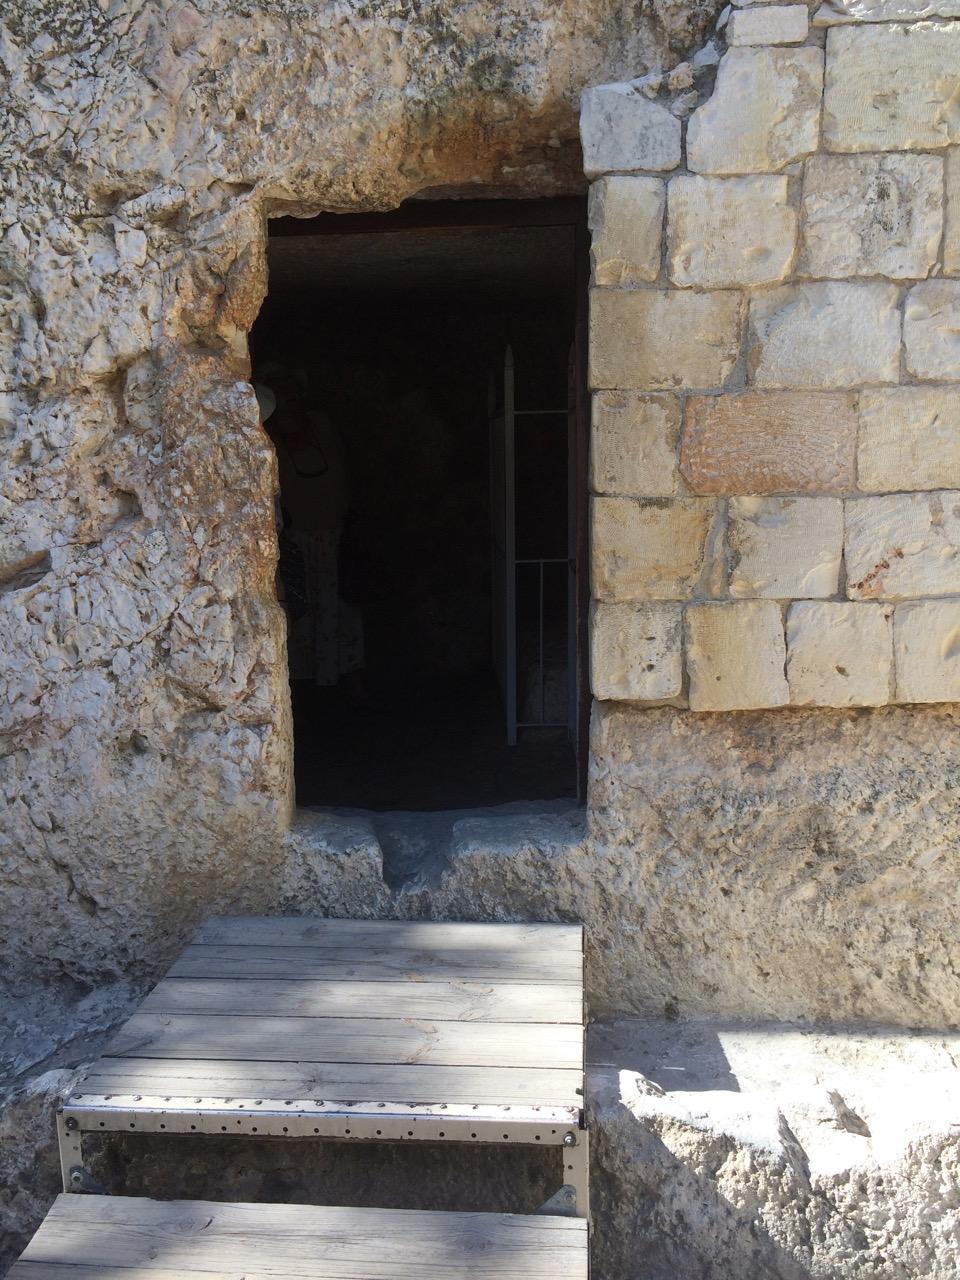 Entrance to the Garden Tomb, Jerusalem